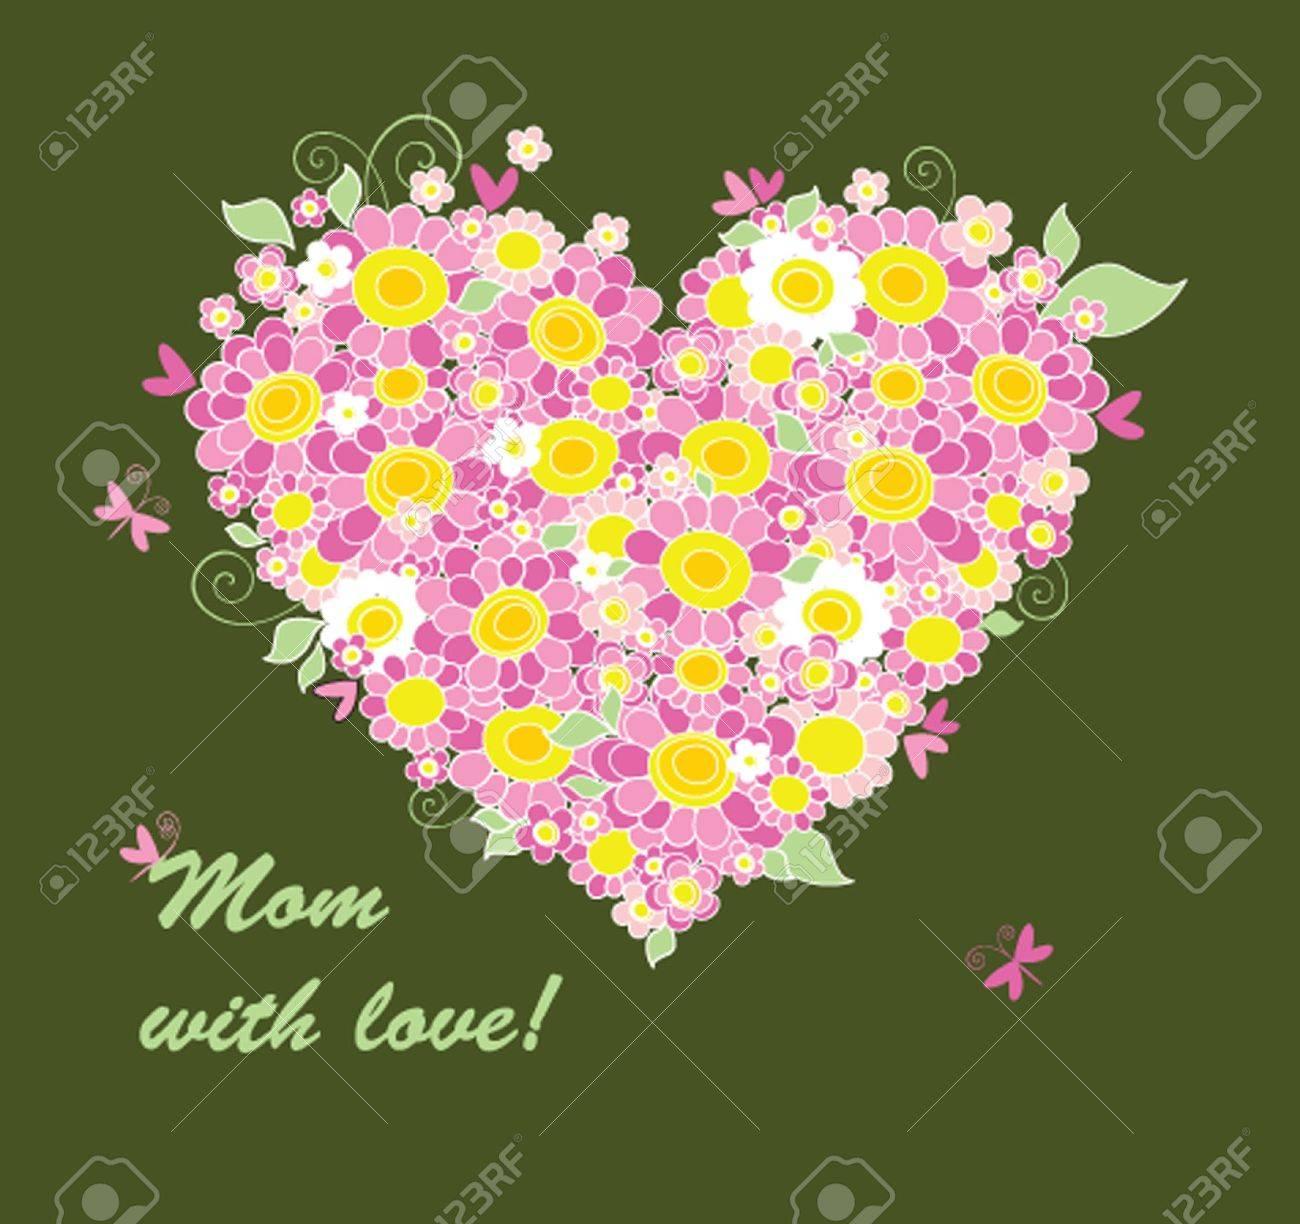 Mother's Day congratulation card Stock Vector - 19371855